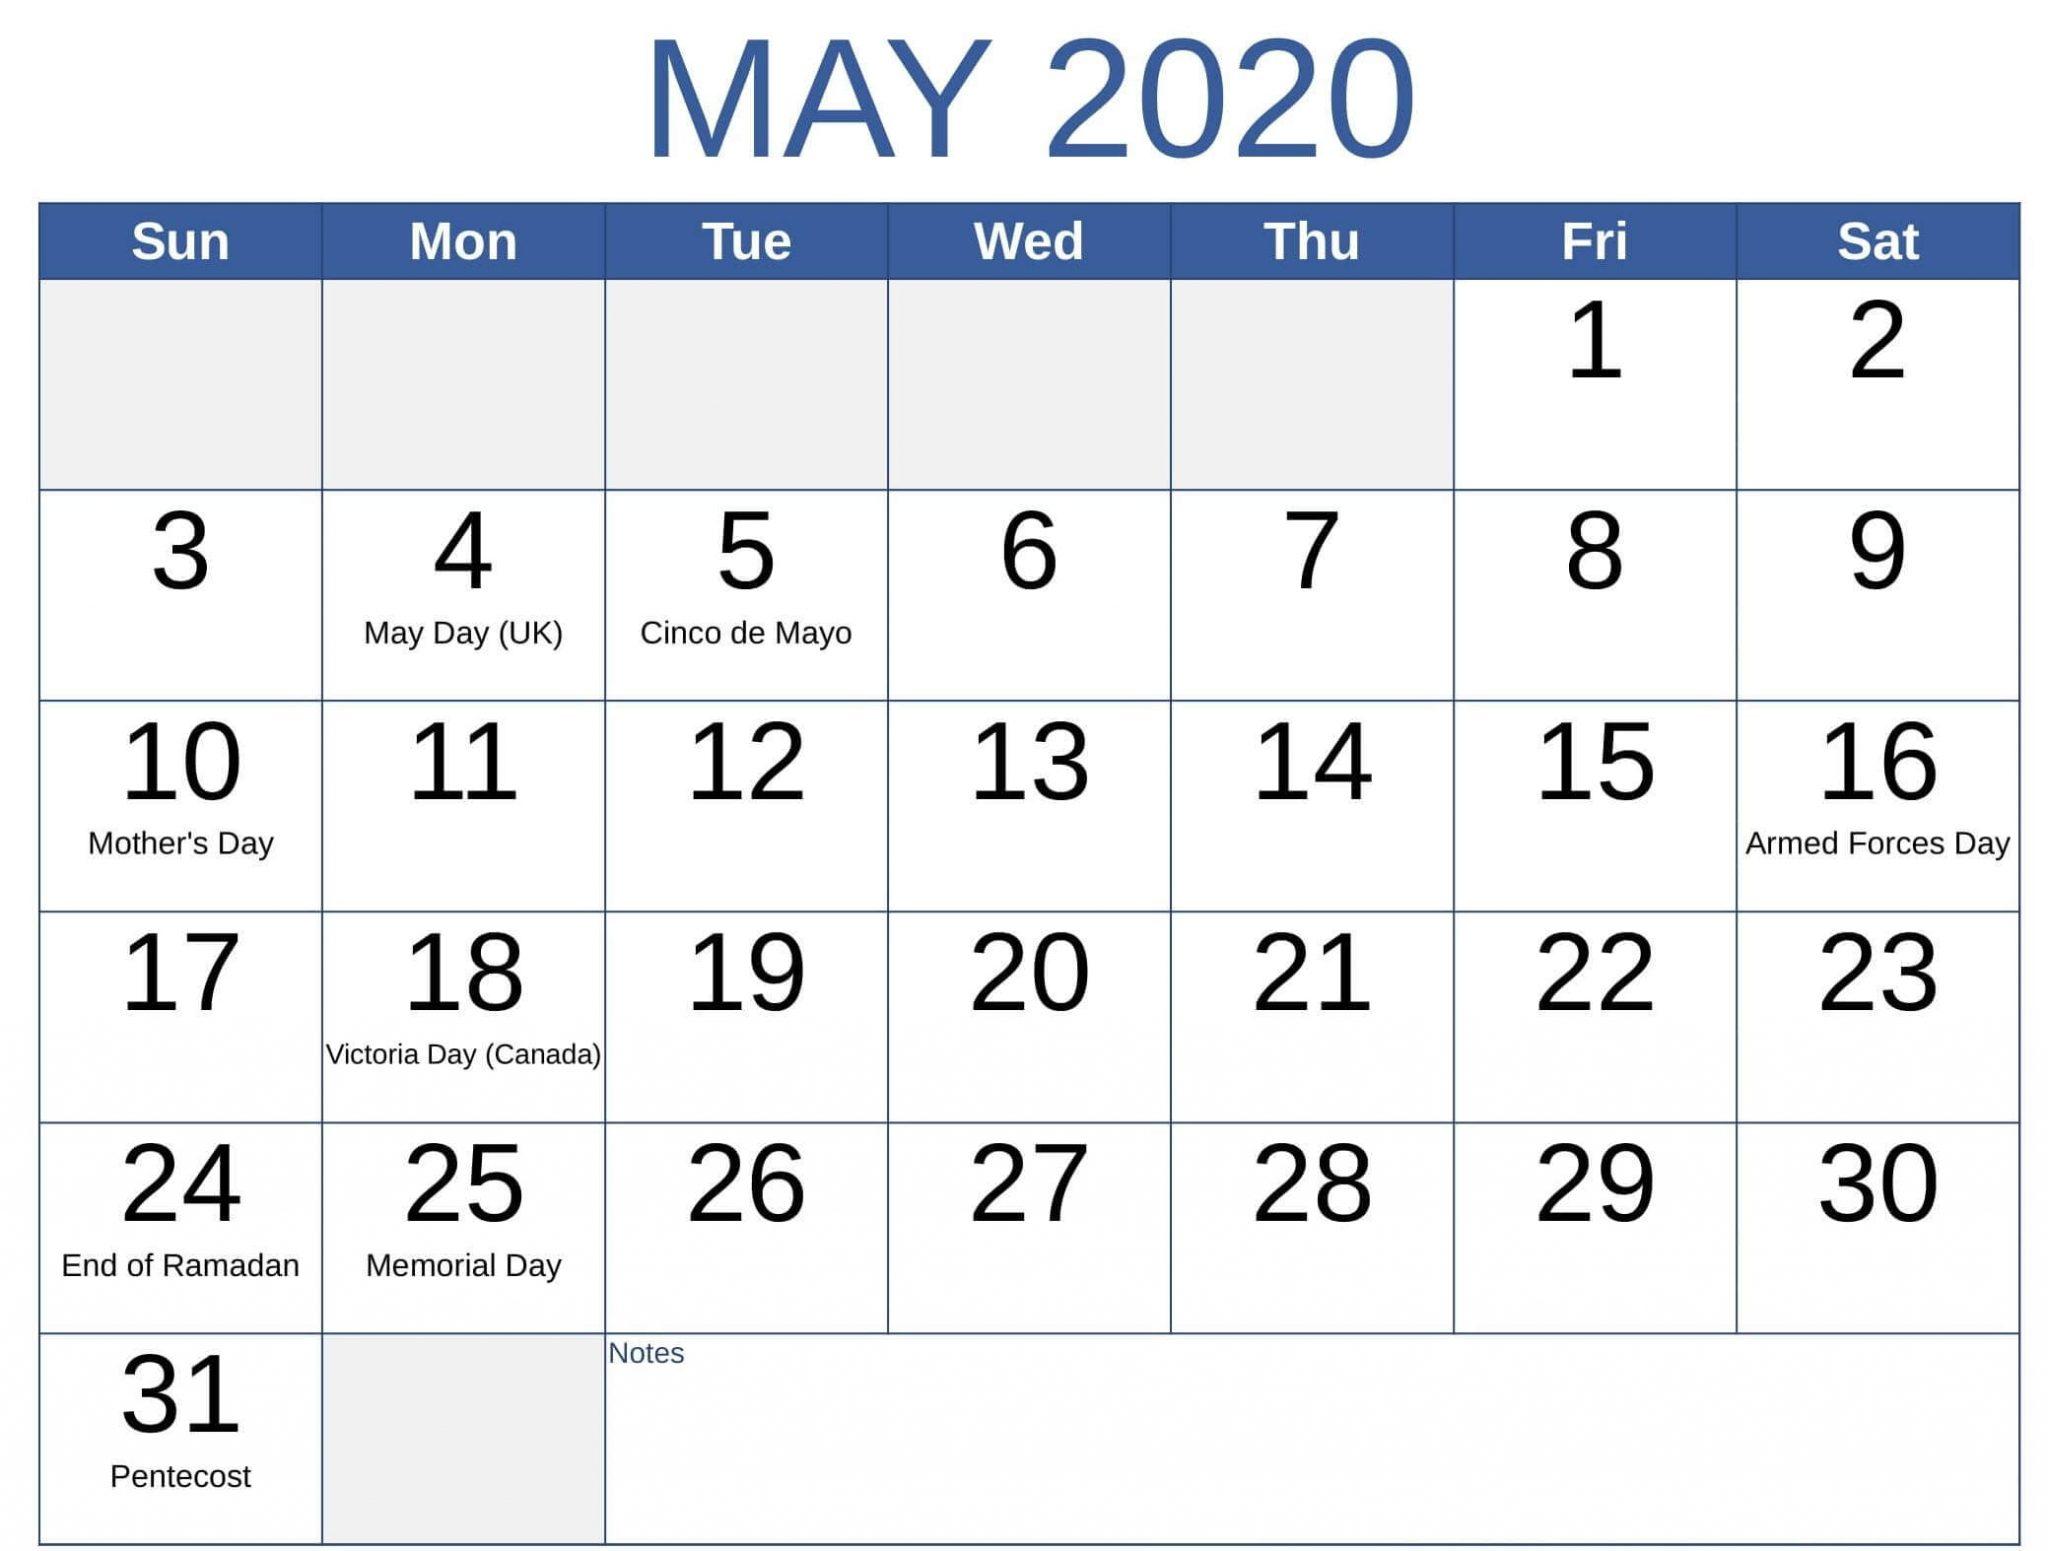 May 2020 Calendar US Federal Holidays